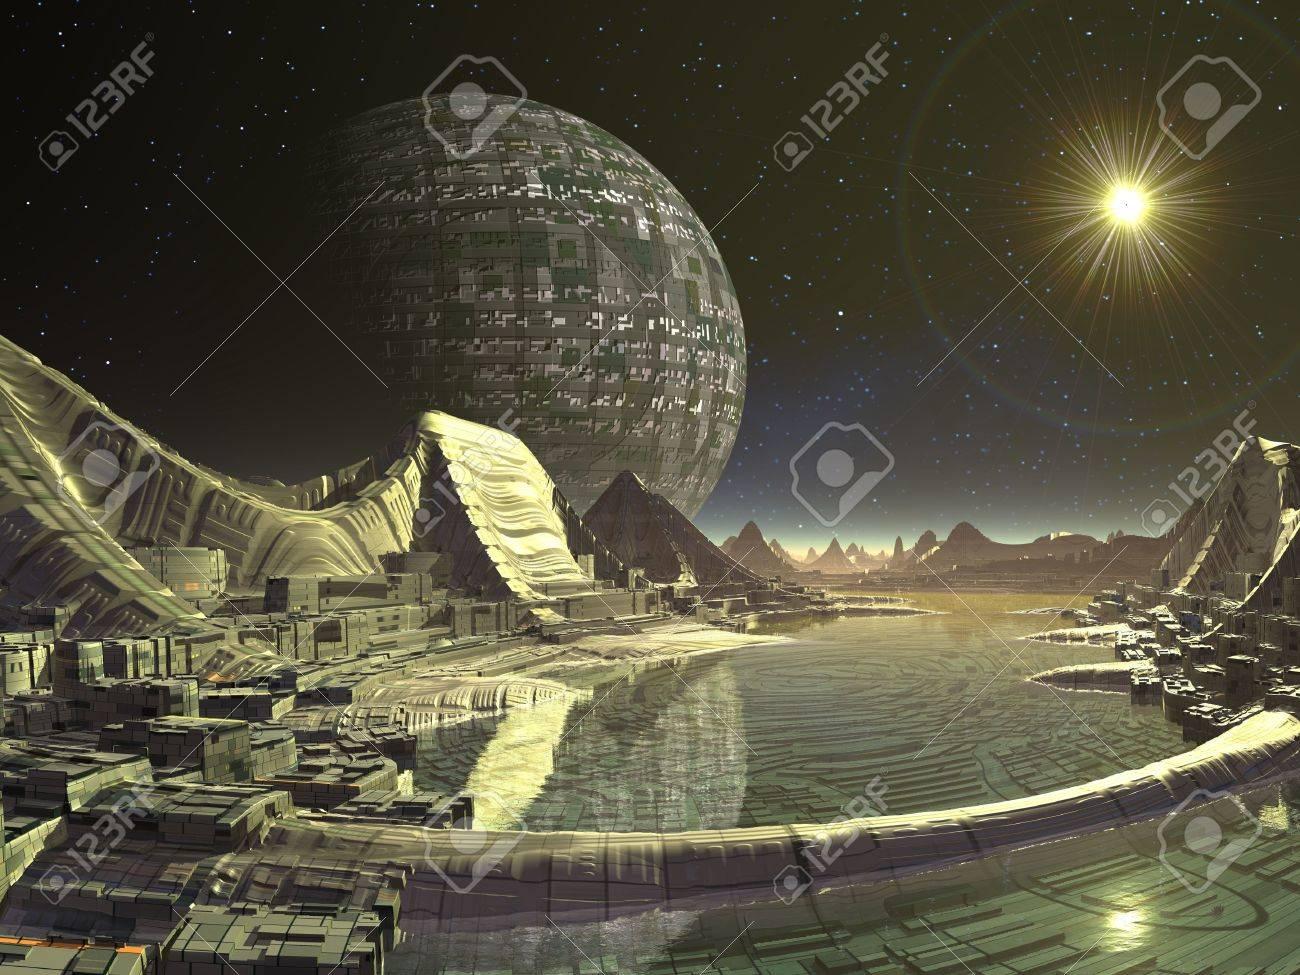 エイリアン衛星都市 の写真素材・画像素材 Image 17585344.